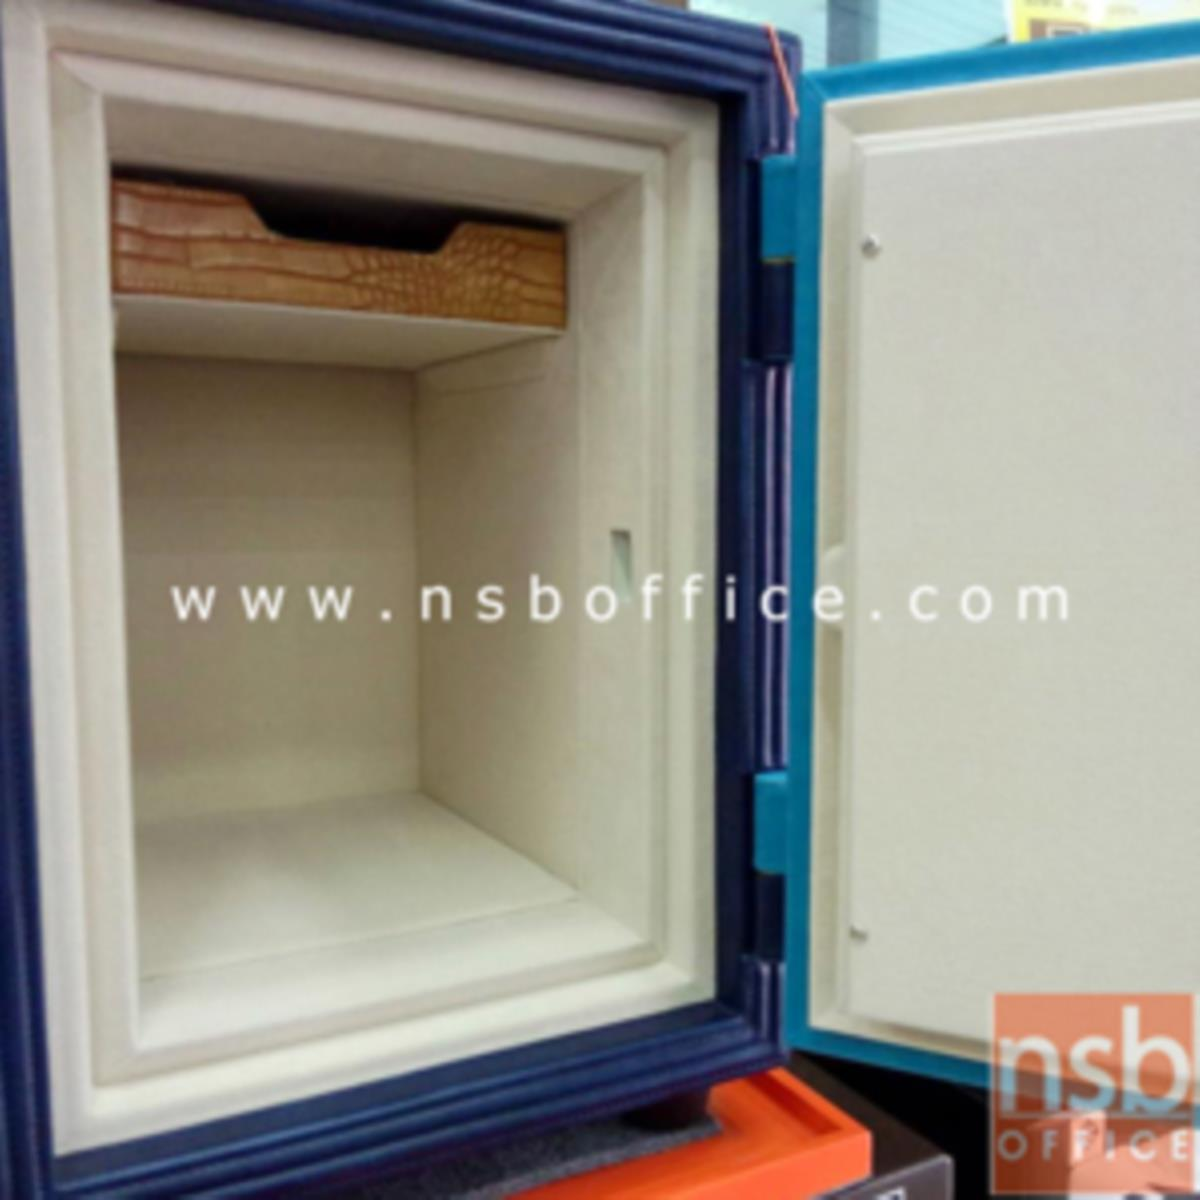 ตู้เซฟหุ้มหนัง รุ่น 51 kg. 1 กุญแจ / 1 รหัส (LT S512 K1C มอก.)